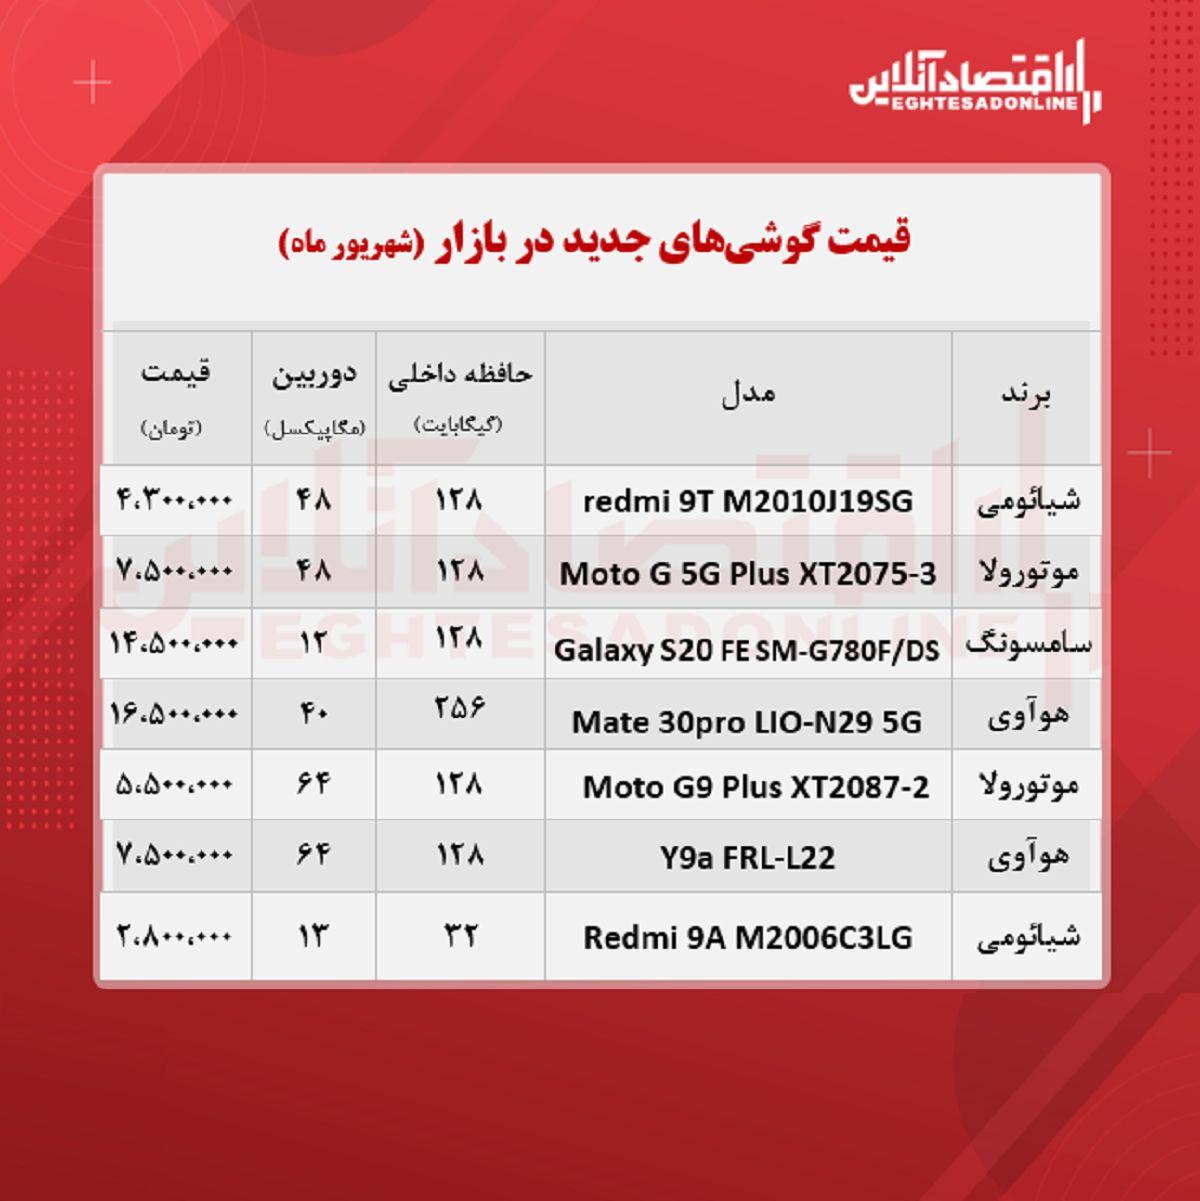 قیمت گوشی های جدید در بازار / ۲۲شهریور